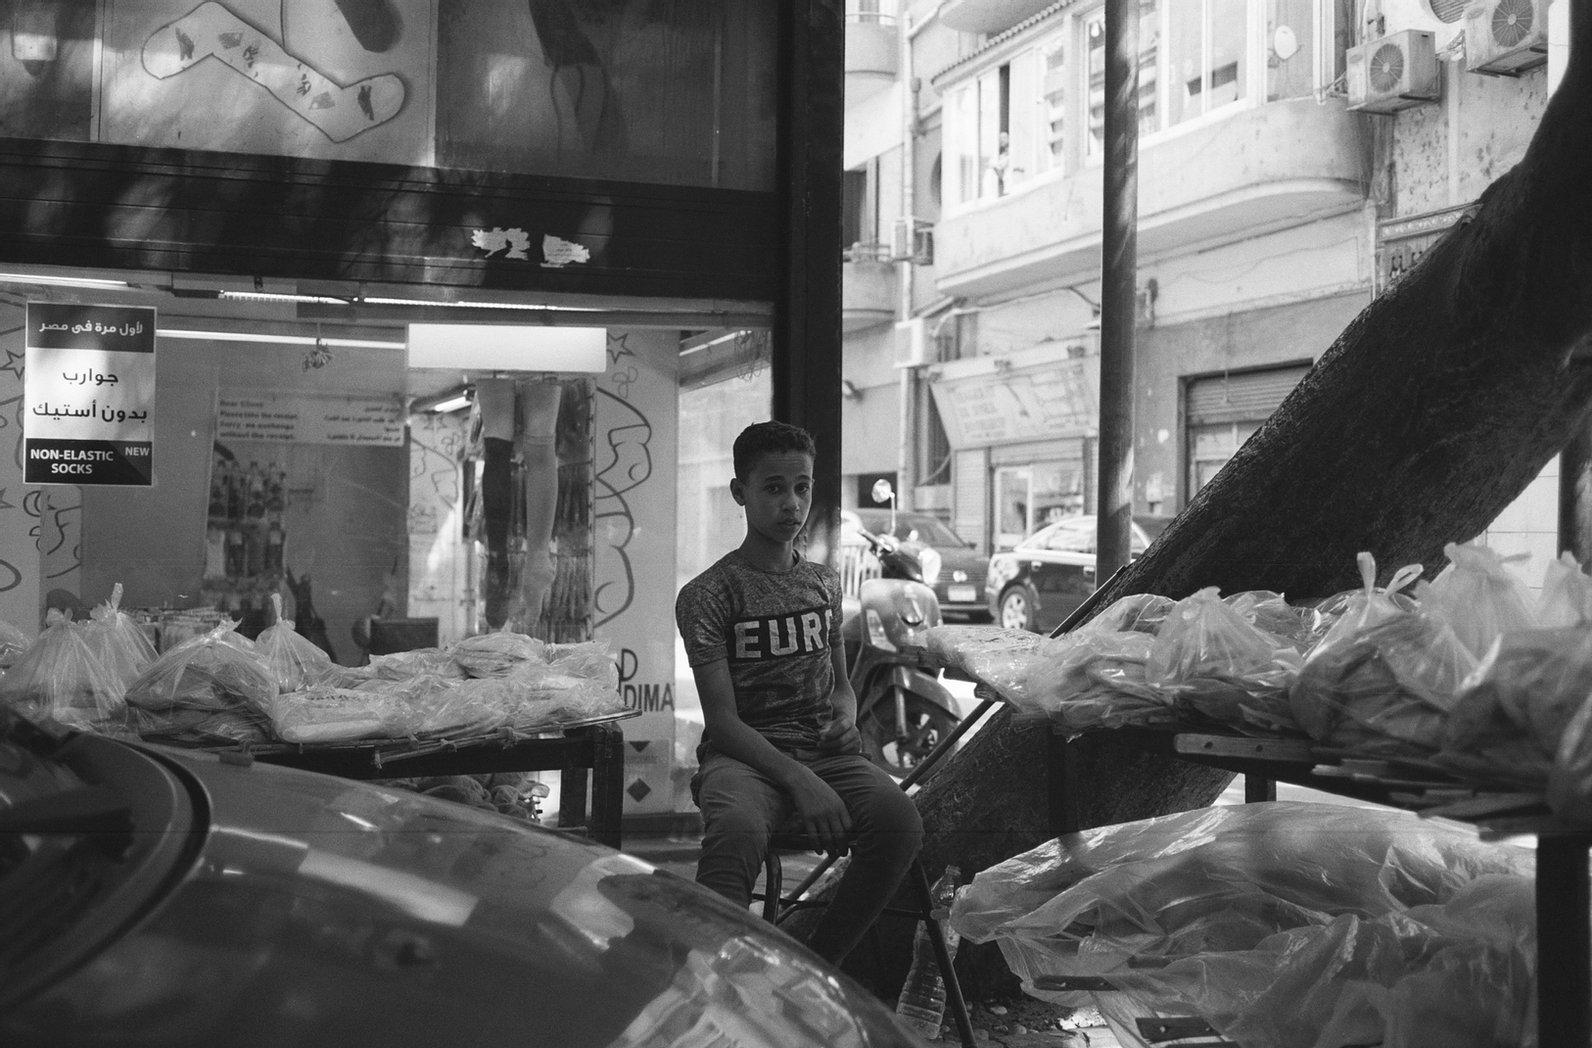 petit garcon assis au milieu d'un marché pris en photo en noir et blanc